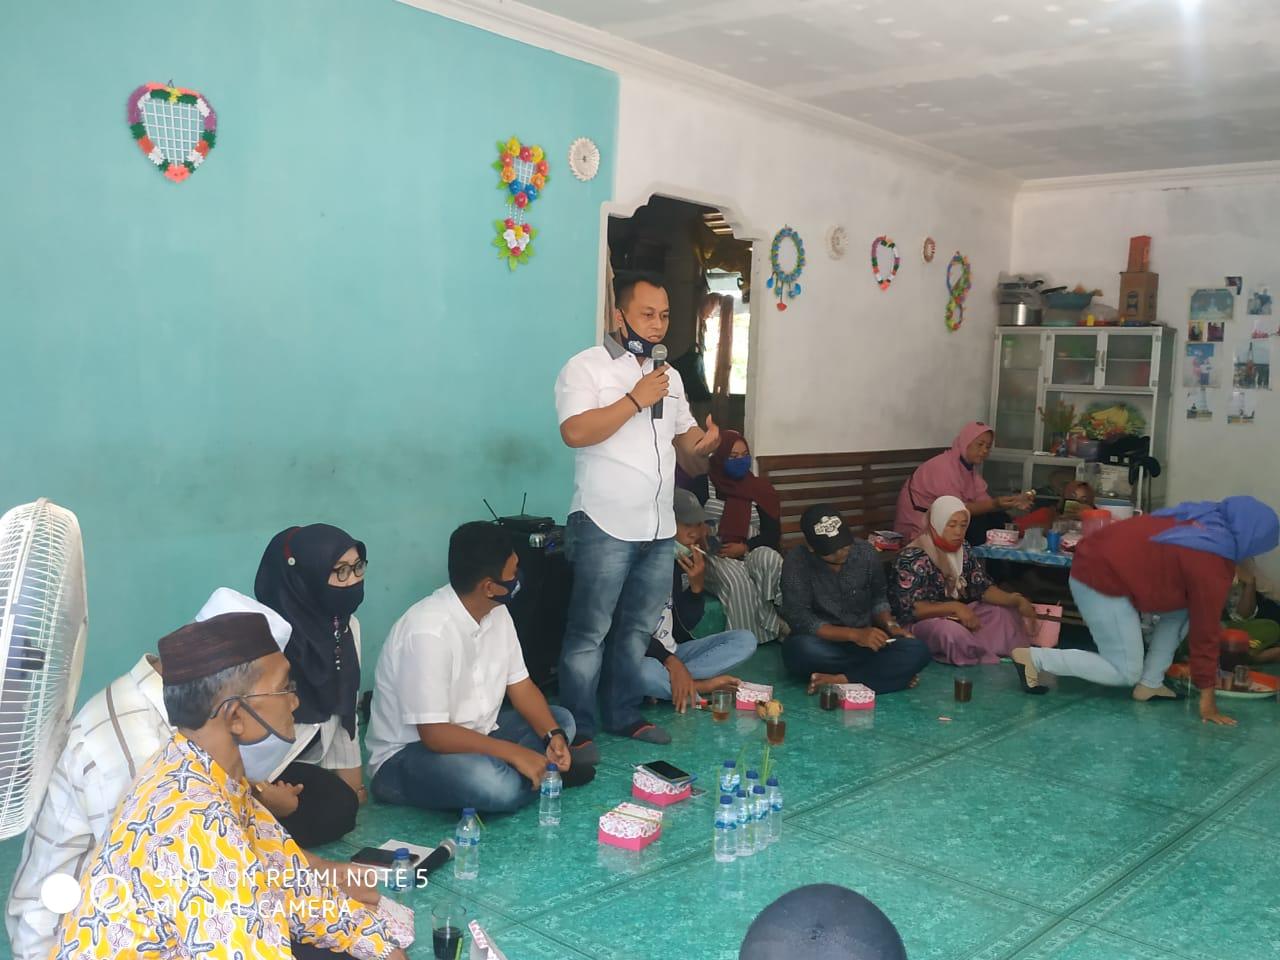 Ini Lima  Pesan Nizar Kepada Tim dan Relawannya Yang Disampaikan Saat Kampanye Terbatas